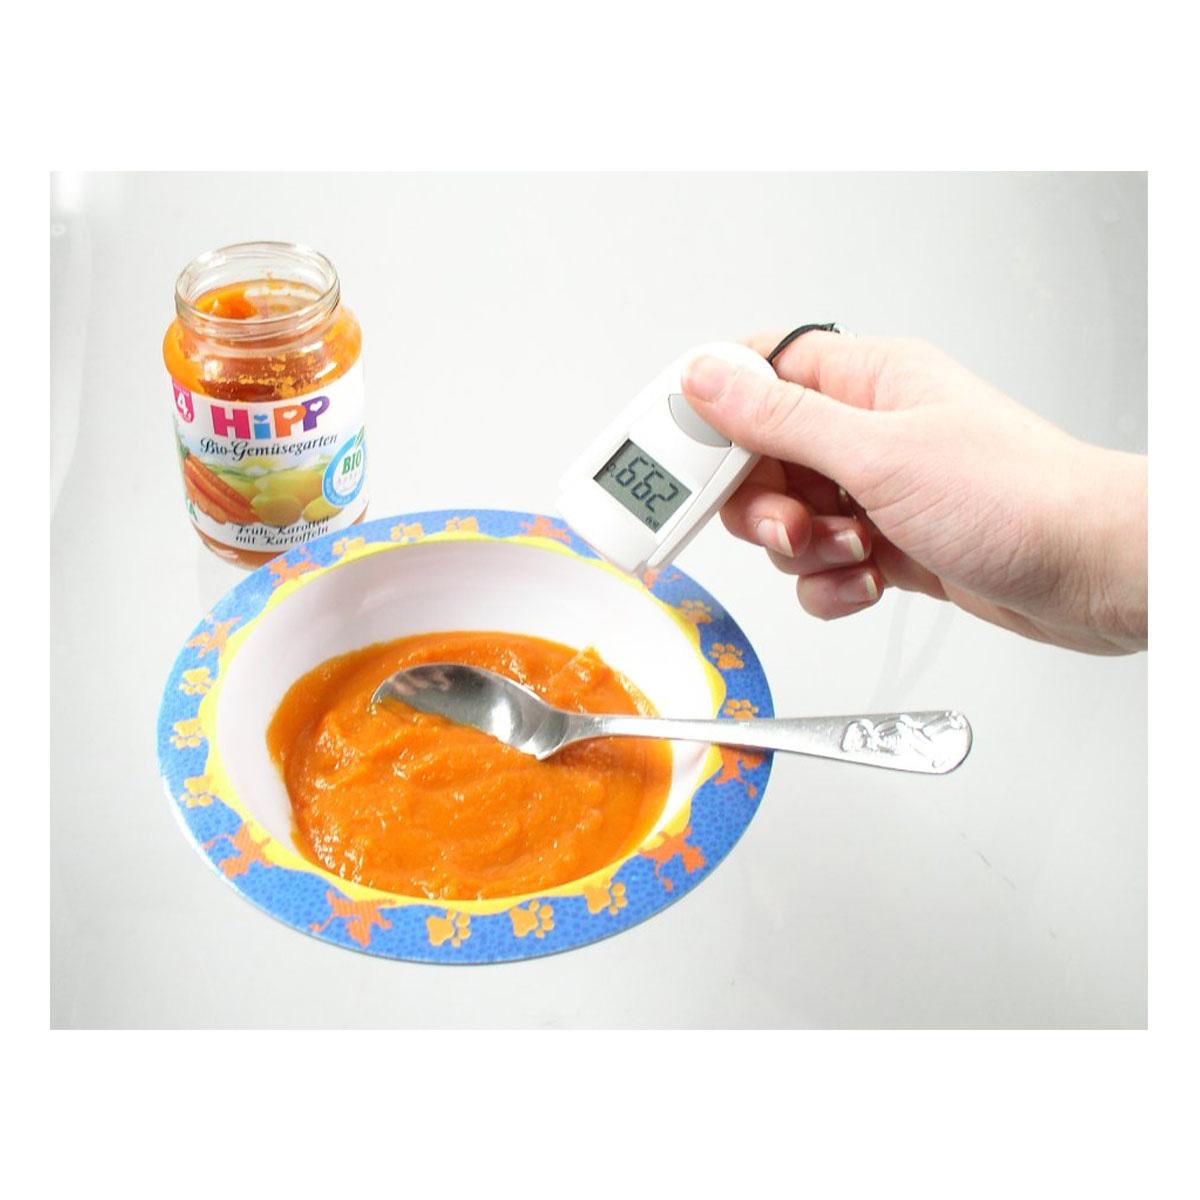 31-1108-infrarot-thermometer-mini-flash-anwendung1-1200x1200px.jpg